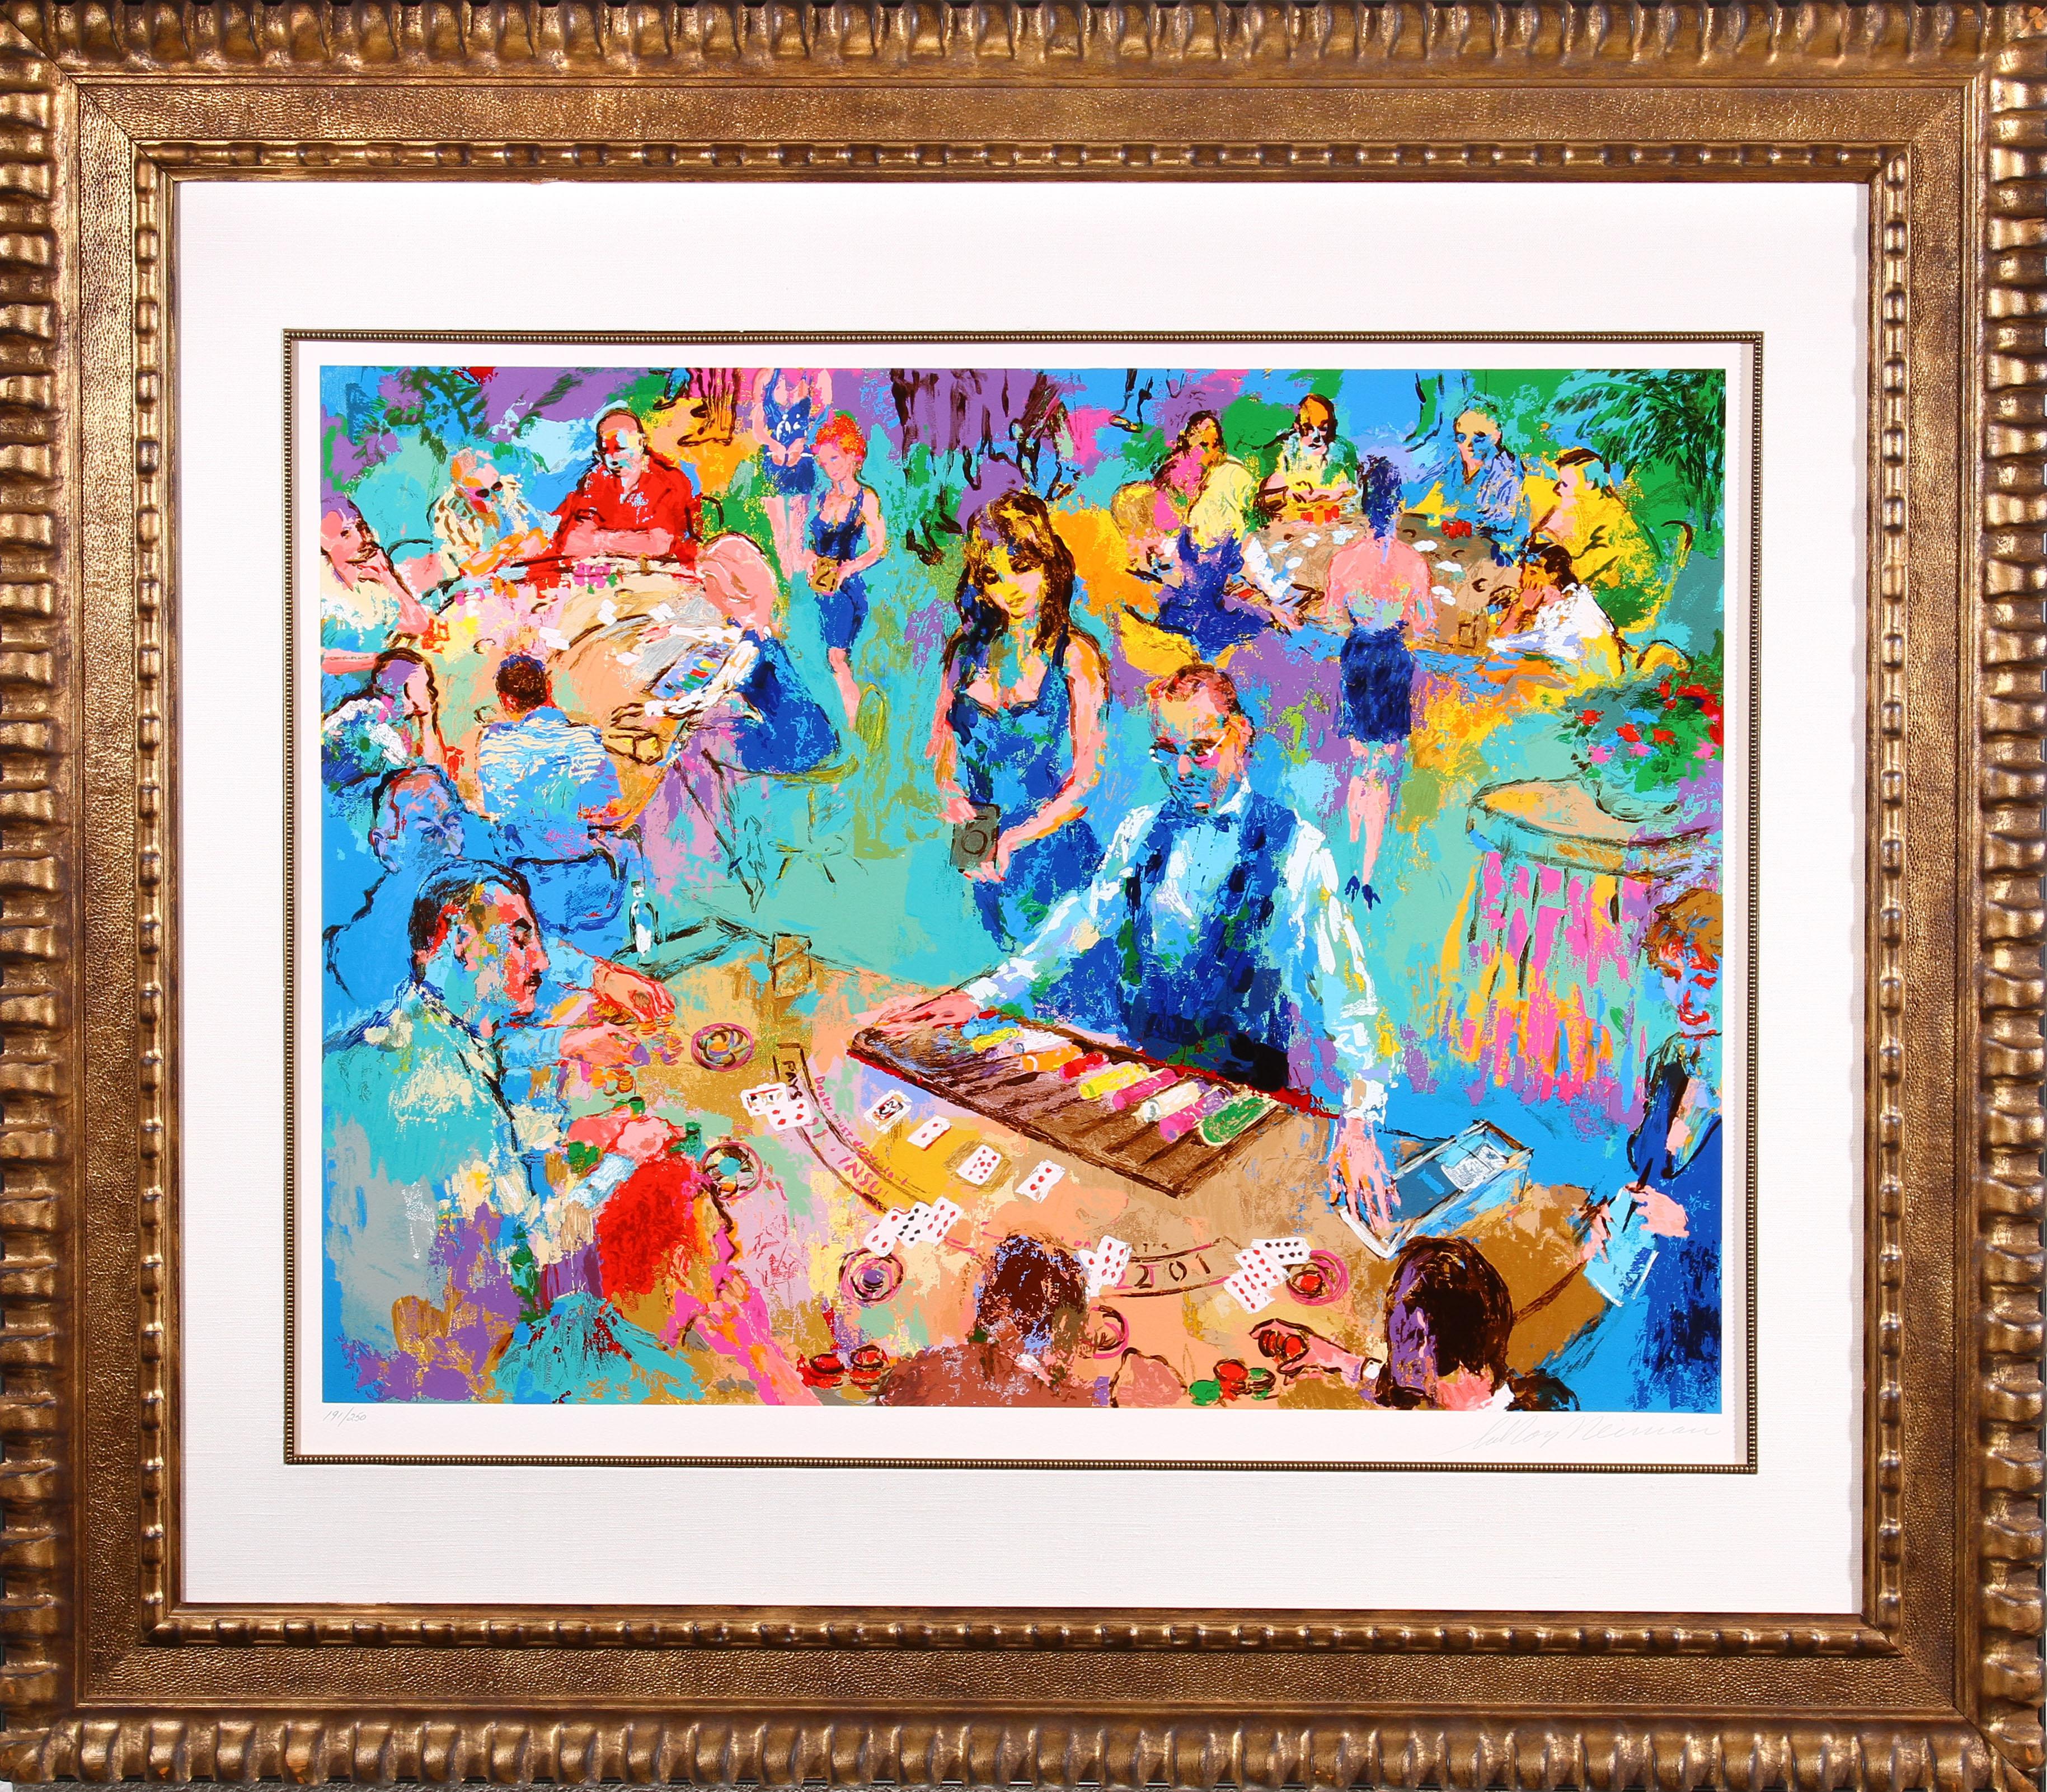 bill henderson painter